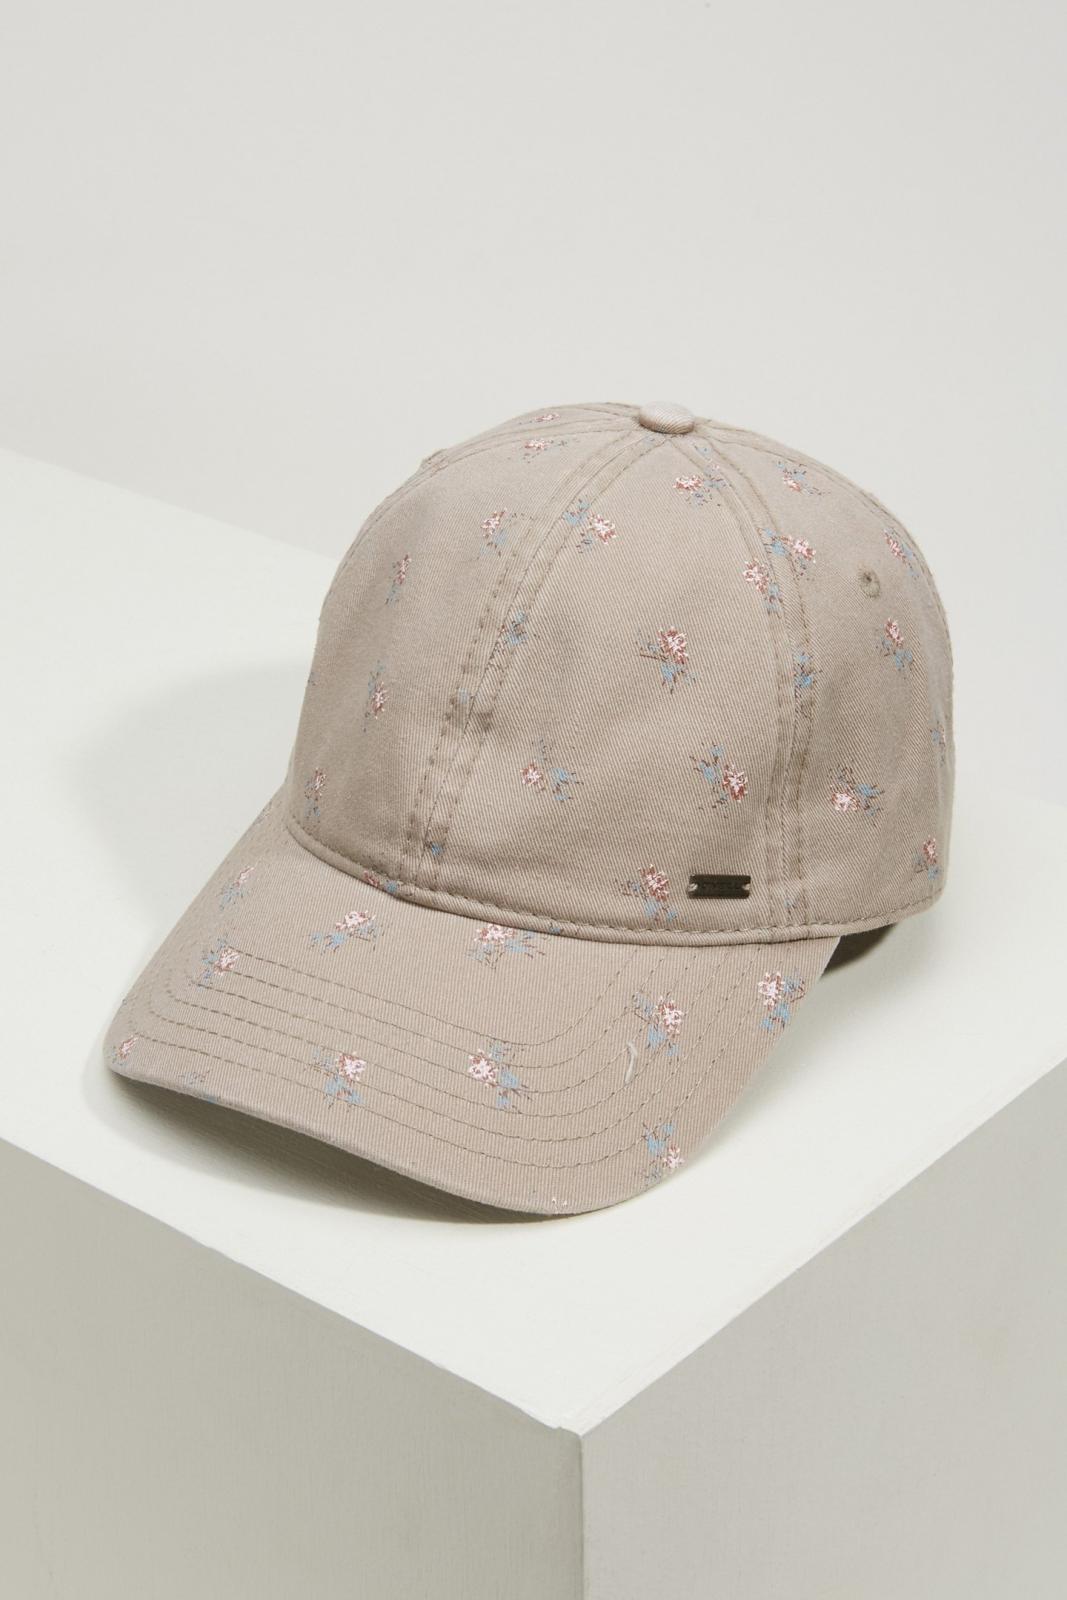 ONEILL CASSADEE HAT